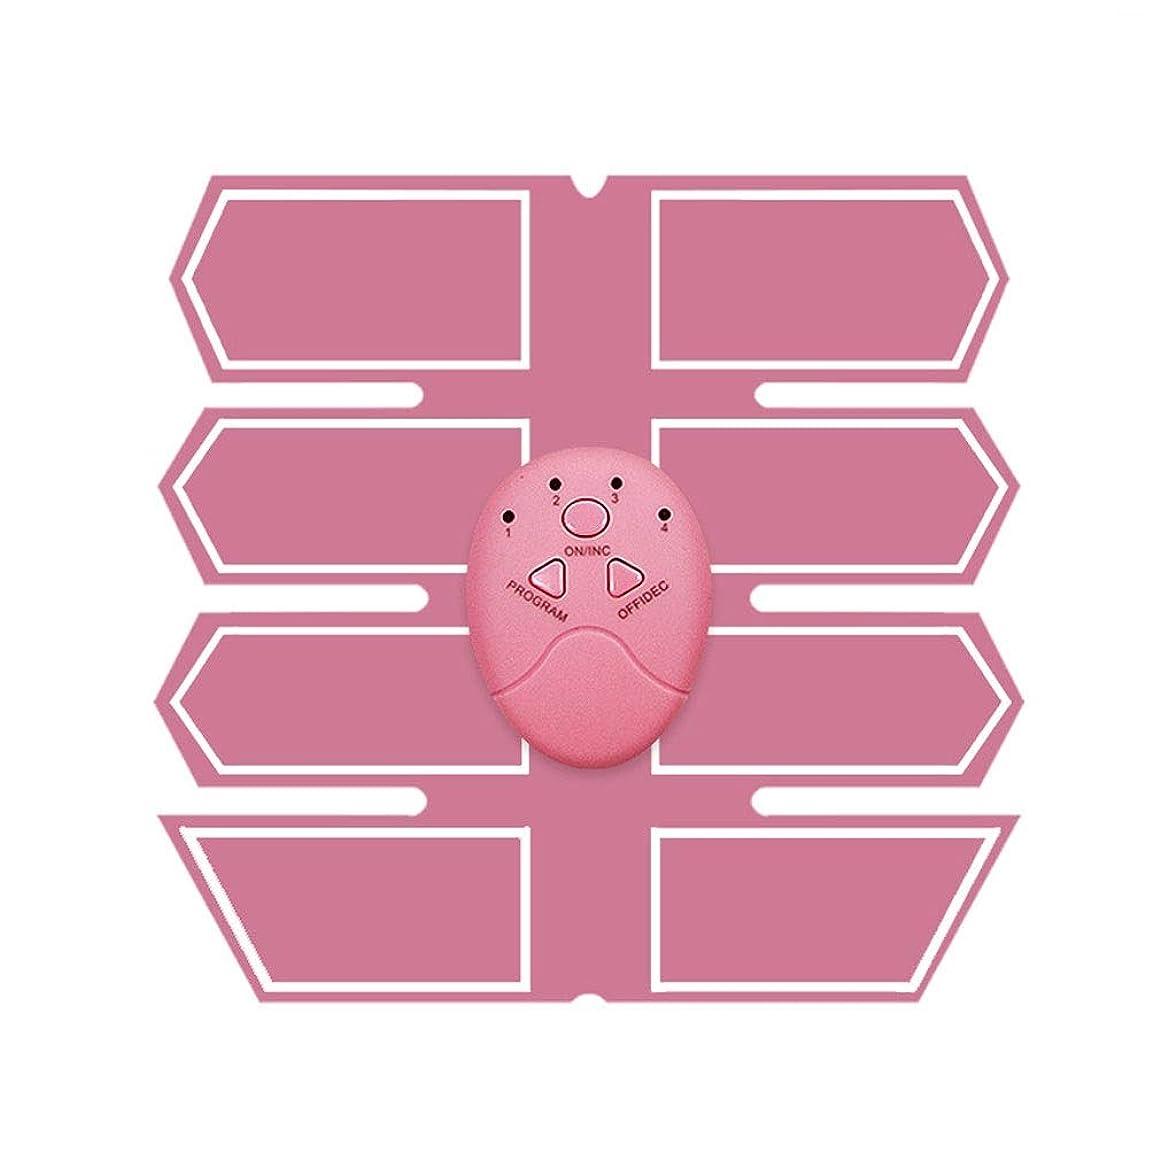 骨の折れる不正意見ABSトレーナーEMS腹部電気筋肉刺激装置筋肉トナー調色ベルトフィットネストレーニングギアエクササイズマシンウエストトレーナーホームトレーニングフィットネス機器 (Color : Pink, Size : A)